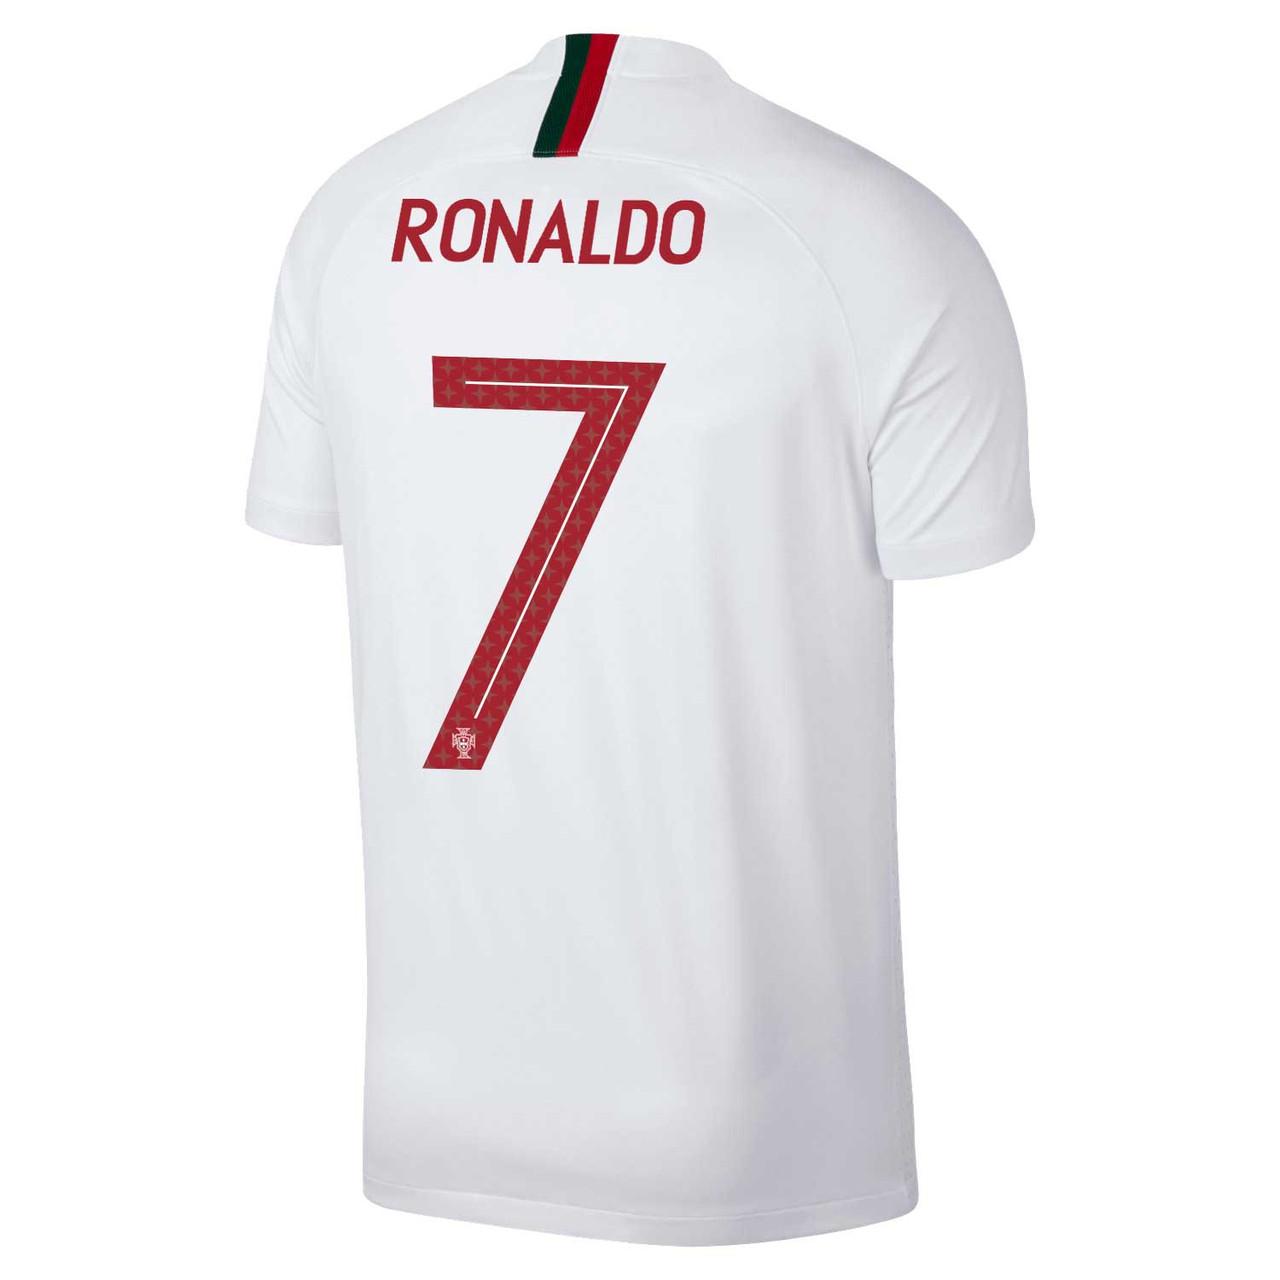 Футбольная форма Сборной Португалии Роналдо (Ronaldo) World Cup 2018 выездная, фото 1